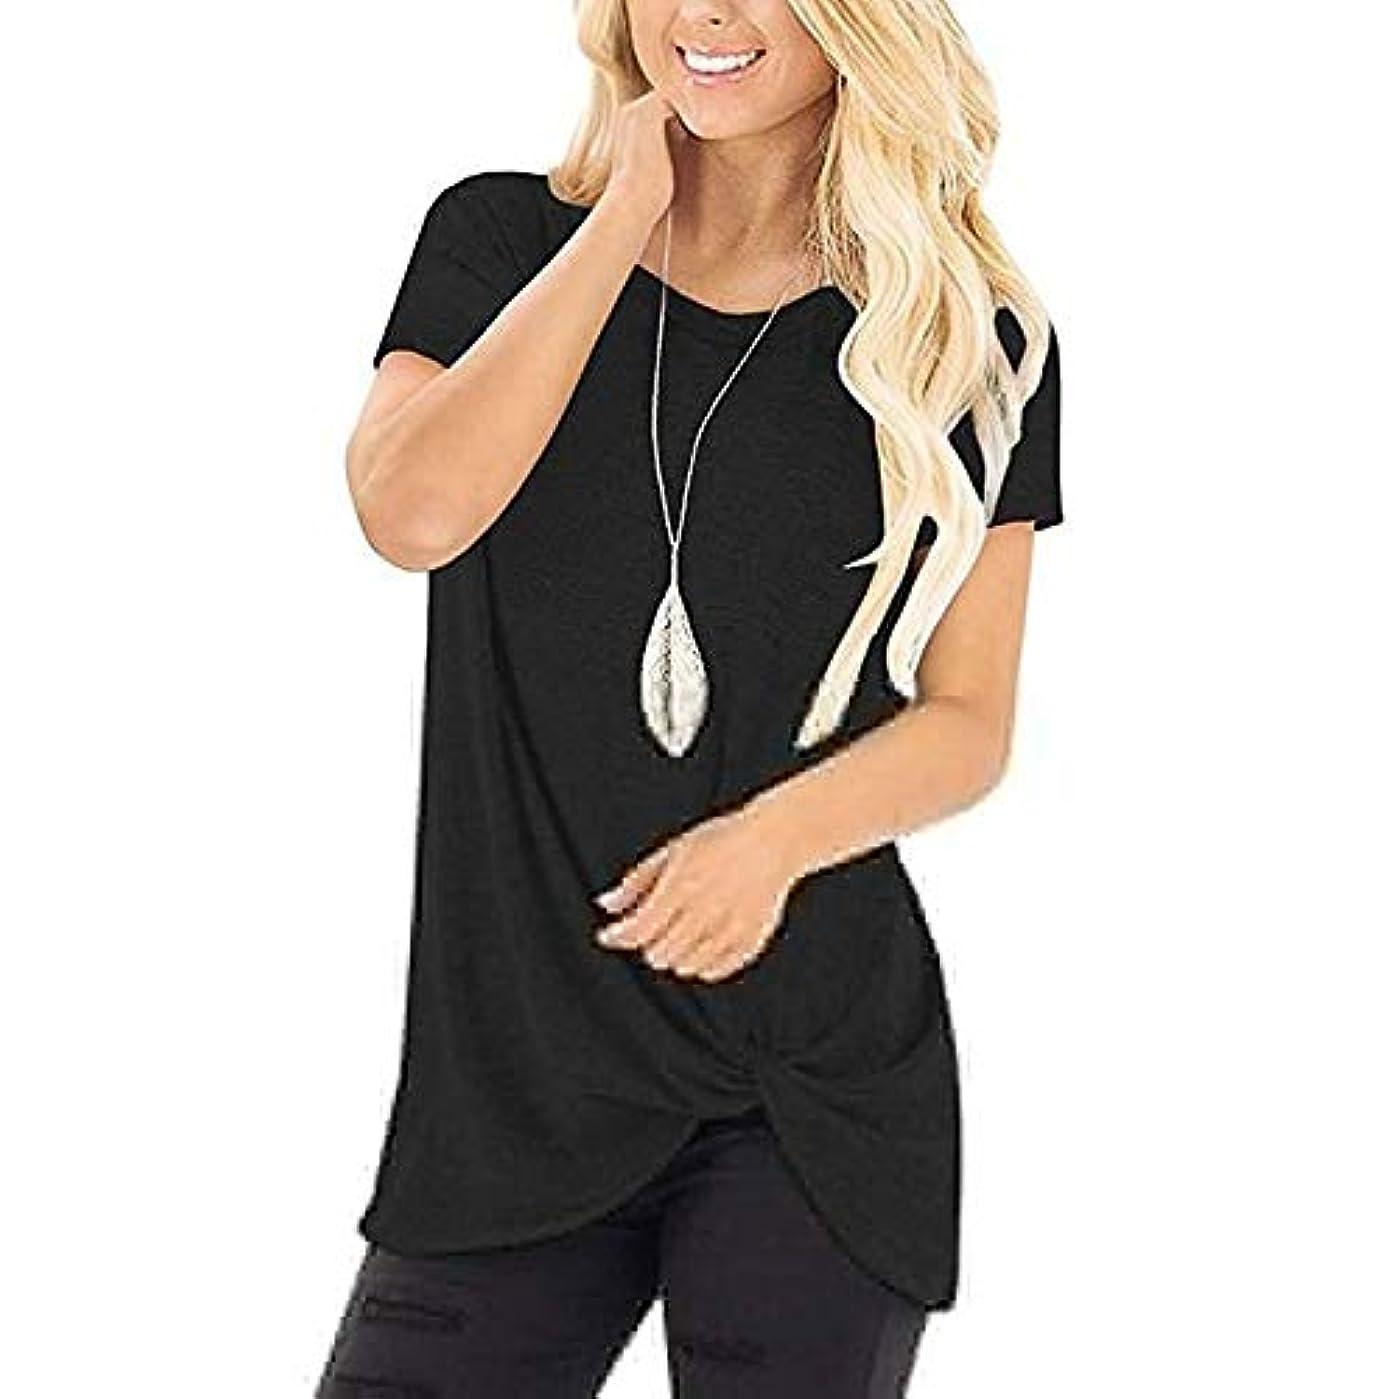 認証マージ恥MIFAN コットンTシャツ、カジュアルTシャツ、レディースブラウス、トップス&Tシャツ、プラスサイズ、ルーズtシャツ